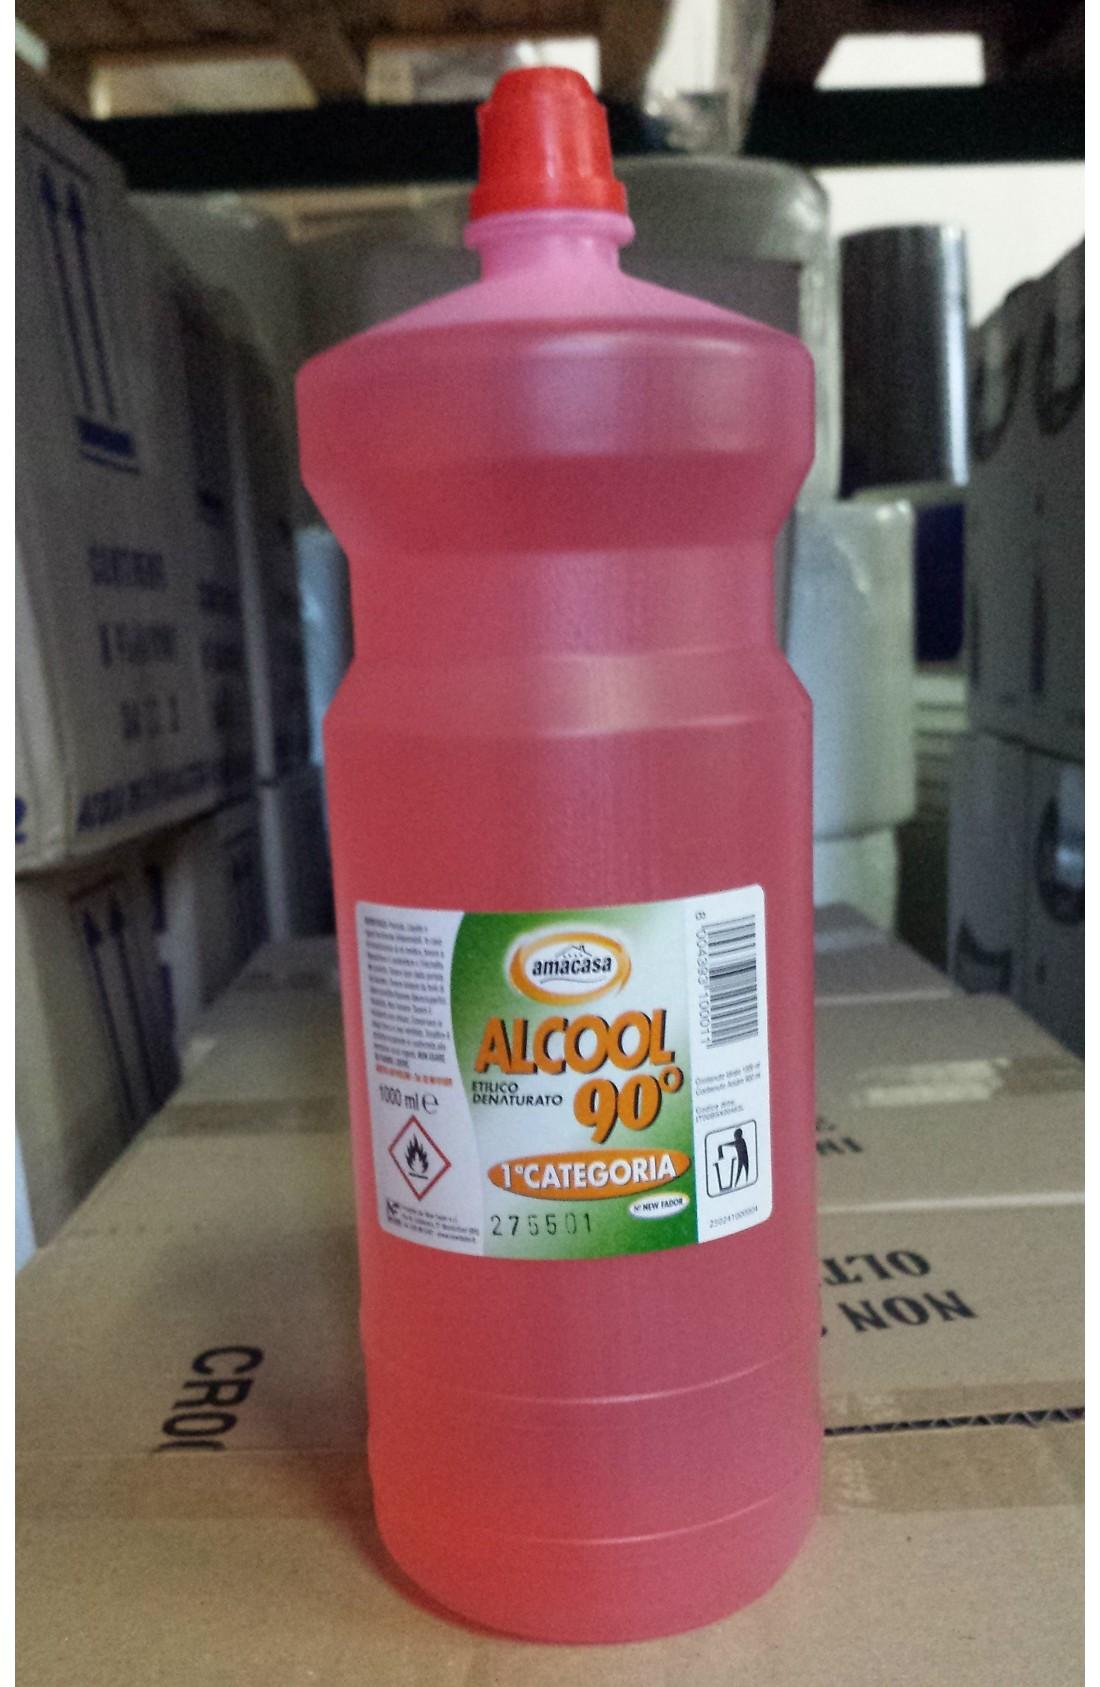 Alcool etilico lt. 1